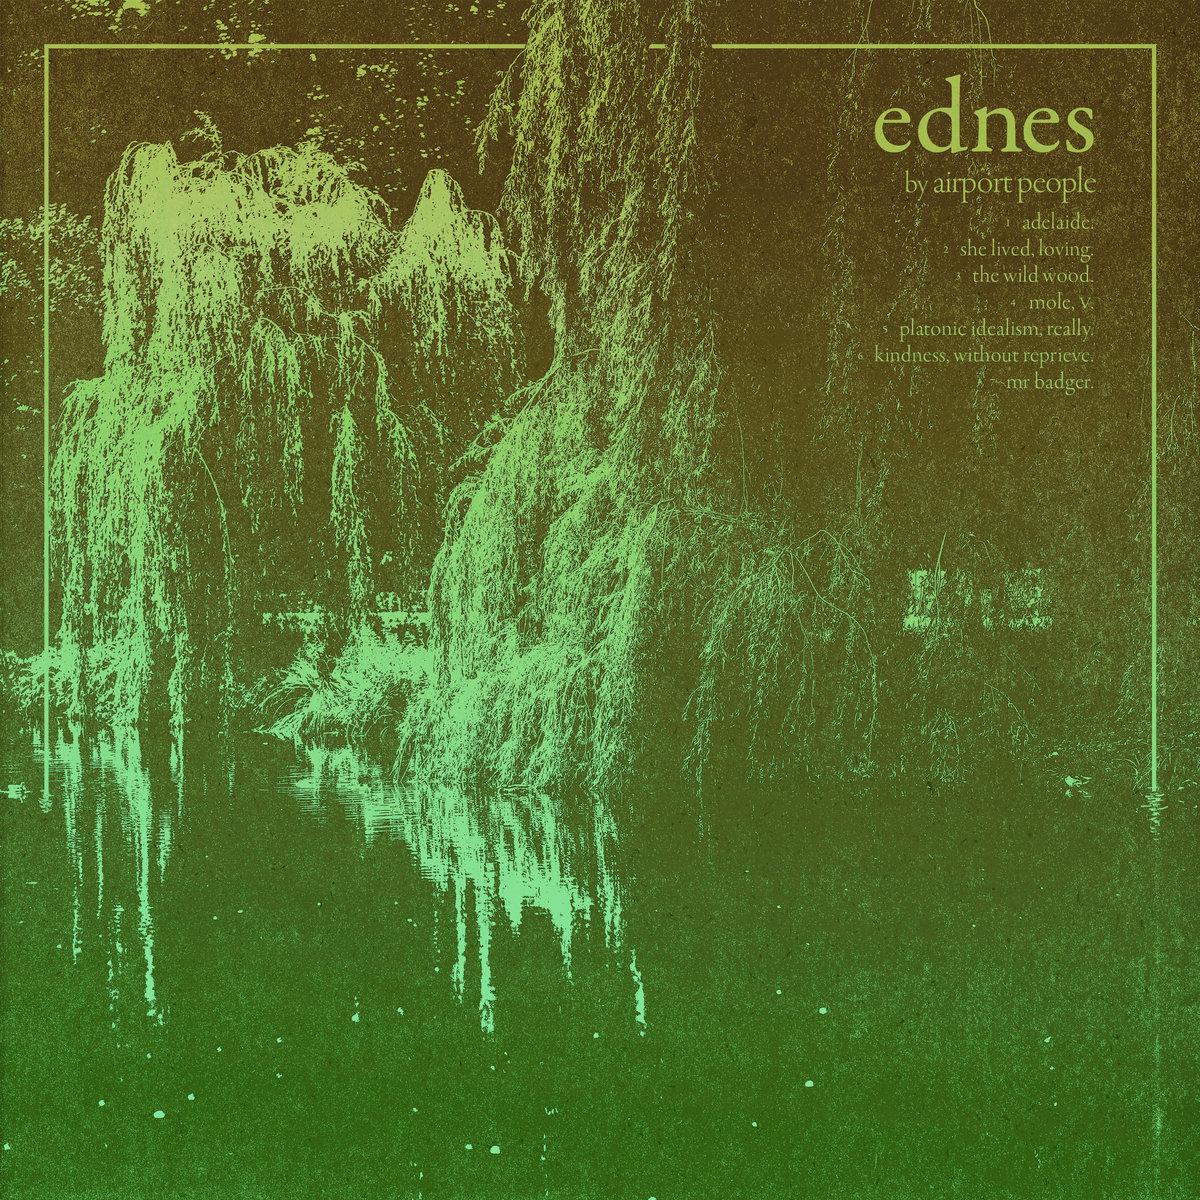 ednes